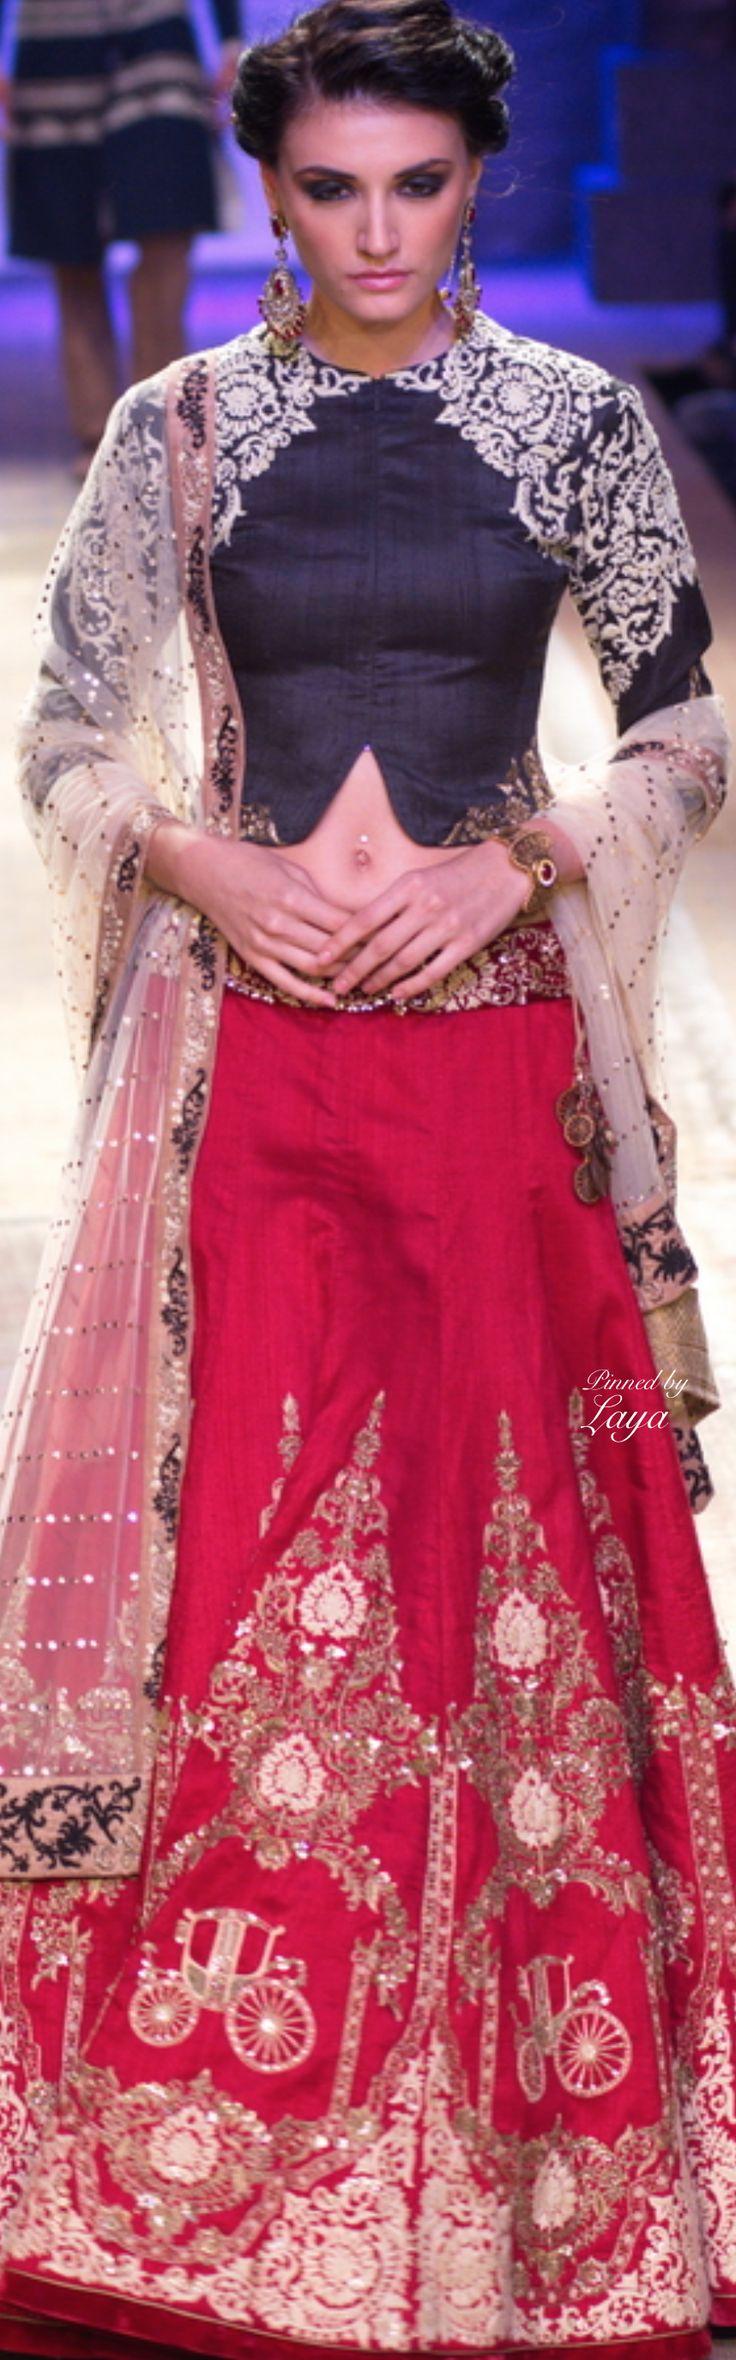 Indian bridal lehenga inspiration by Anju Modi Fall/Winter 2014-15❋Laya